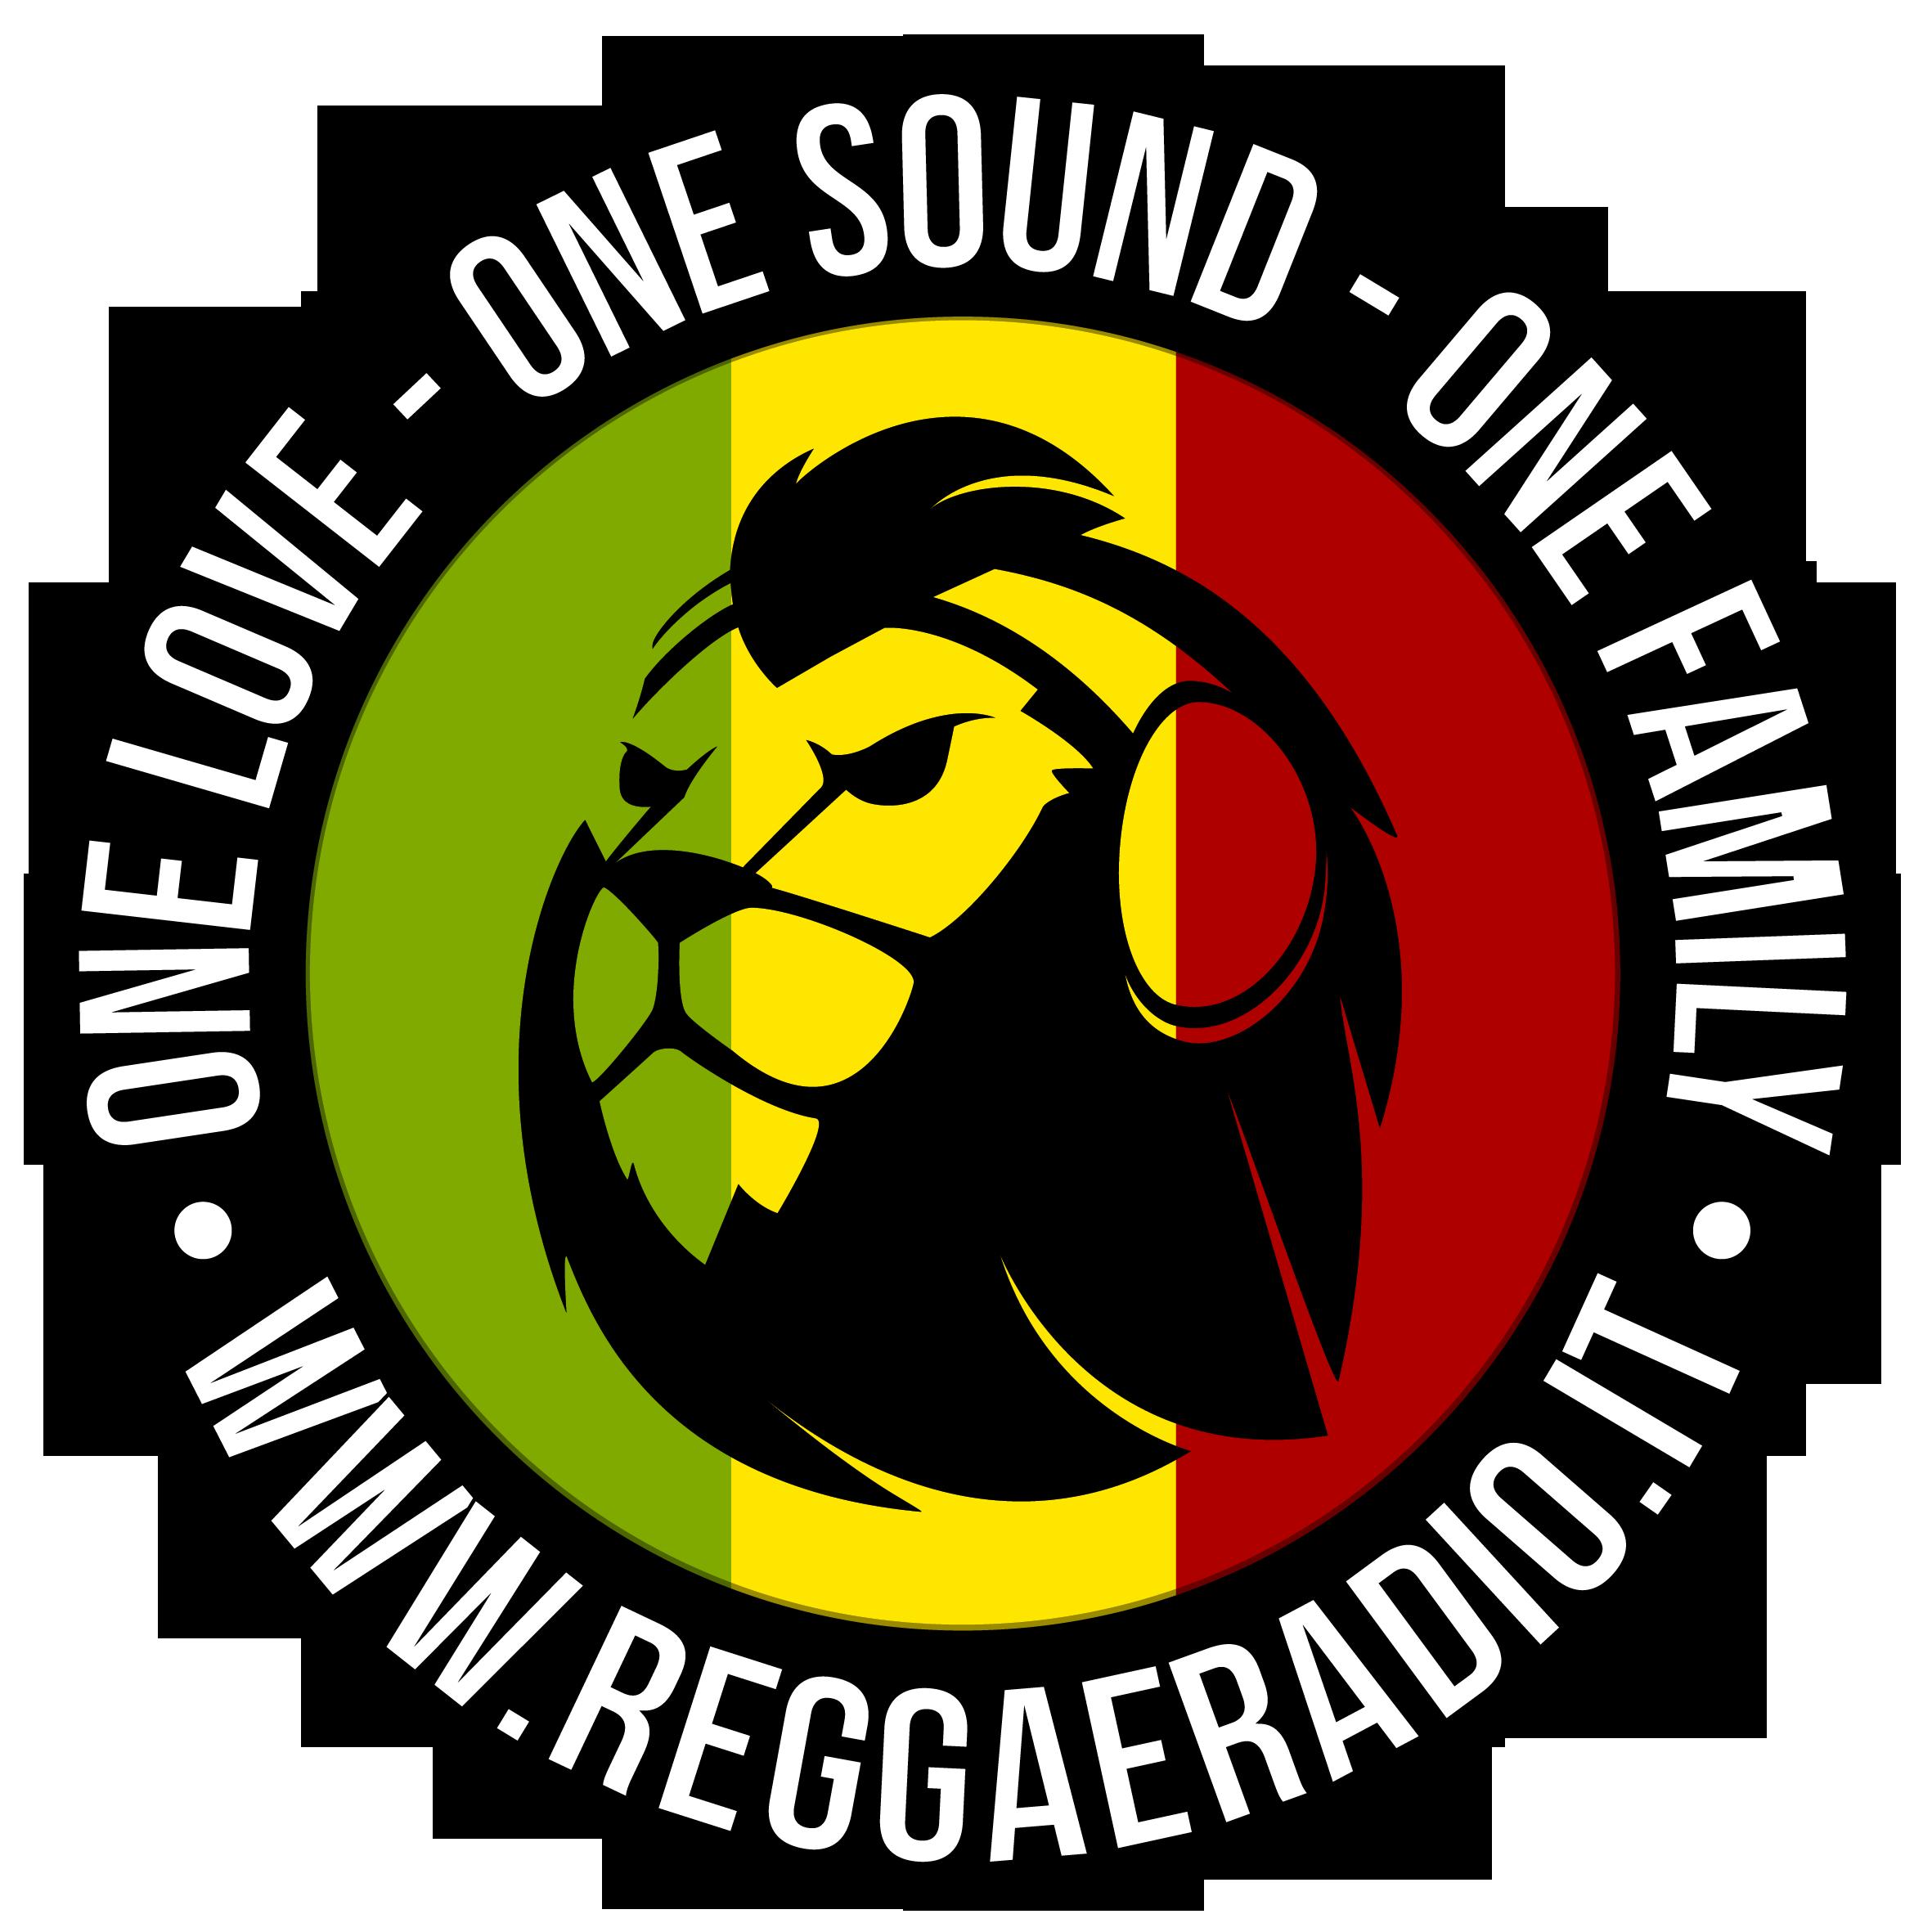 Reggaeradio.it